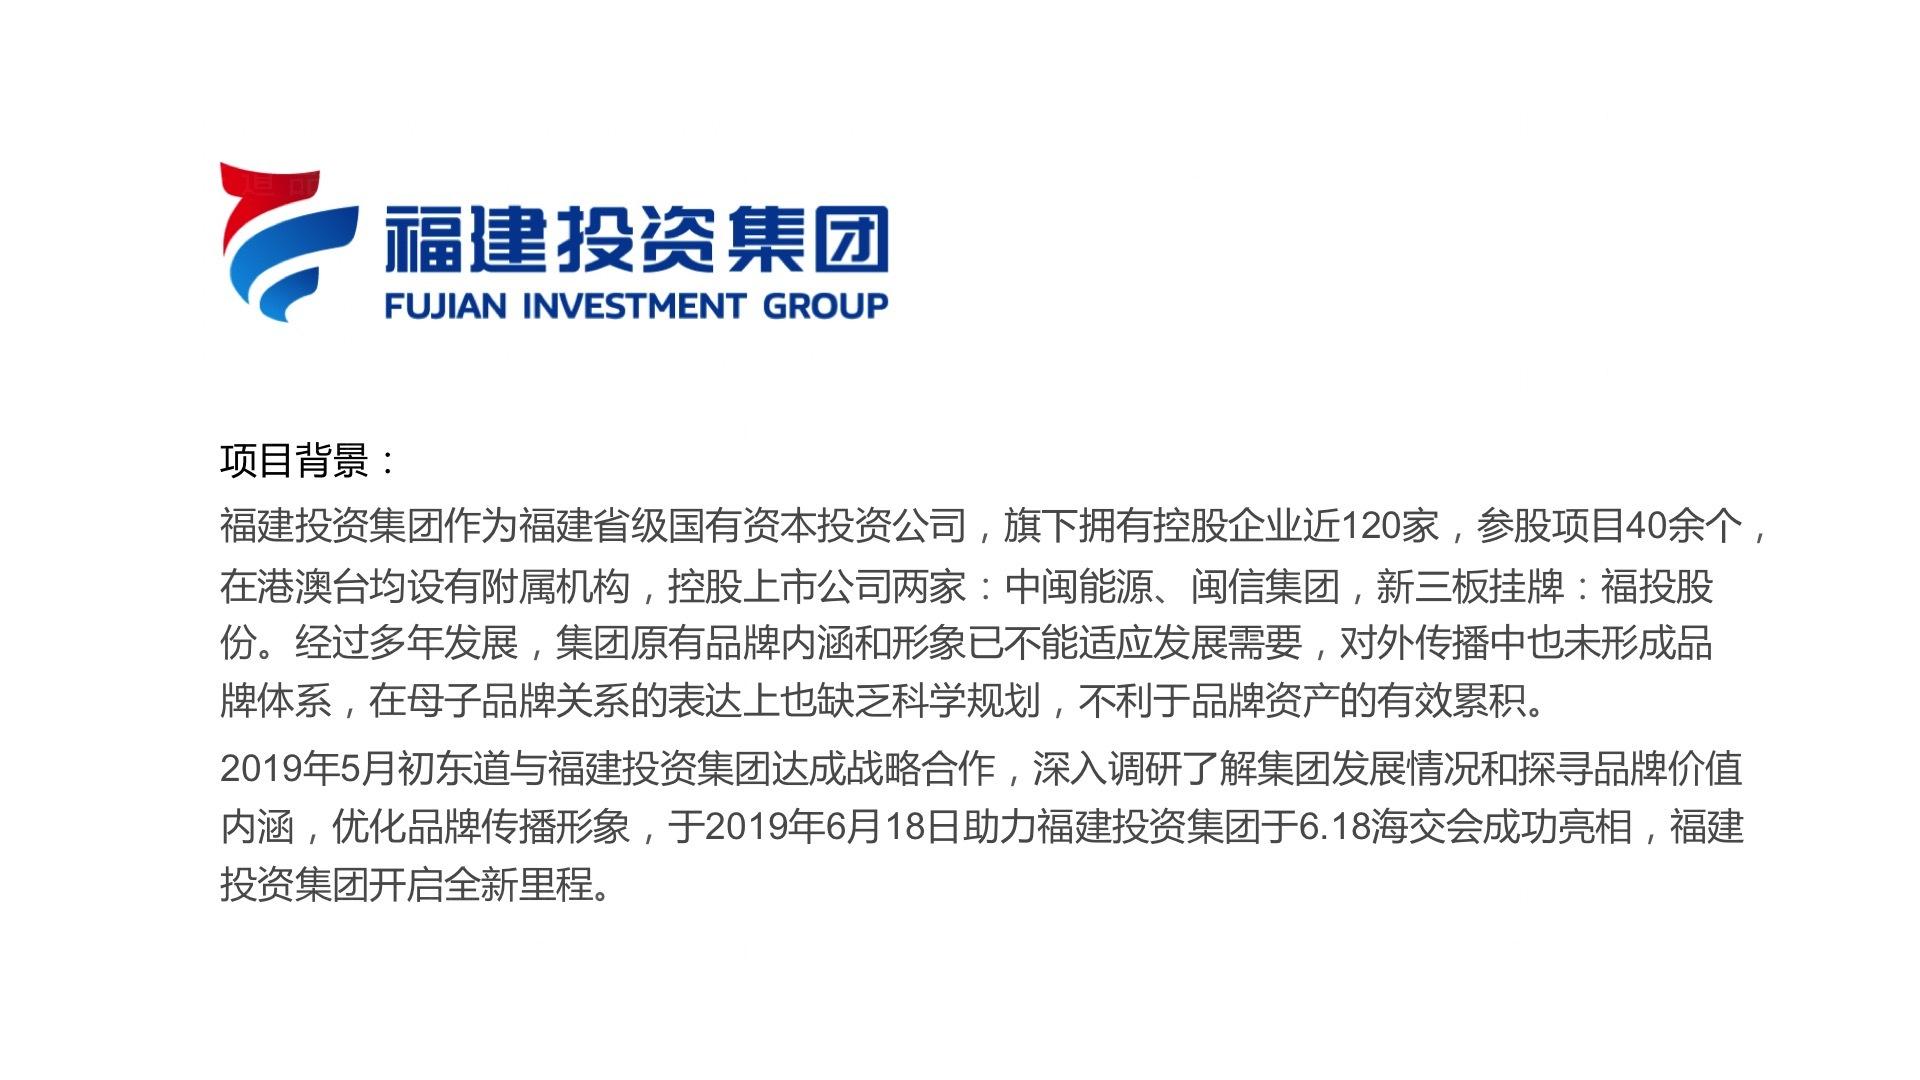 品牌战略&企业文化案例福建投资集团福建投资集团品牌战略